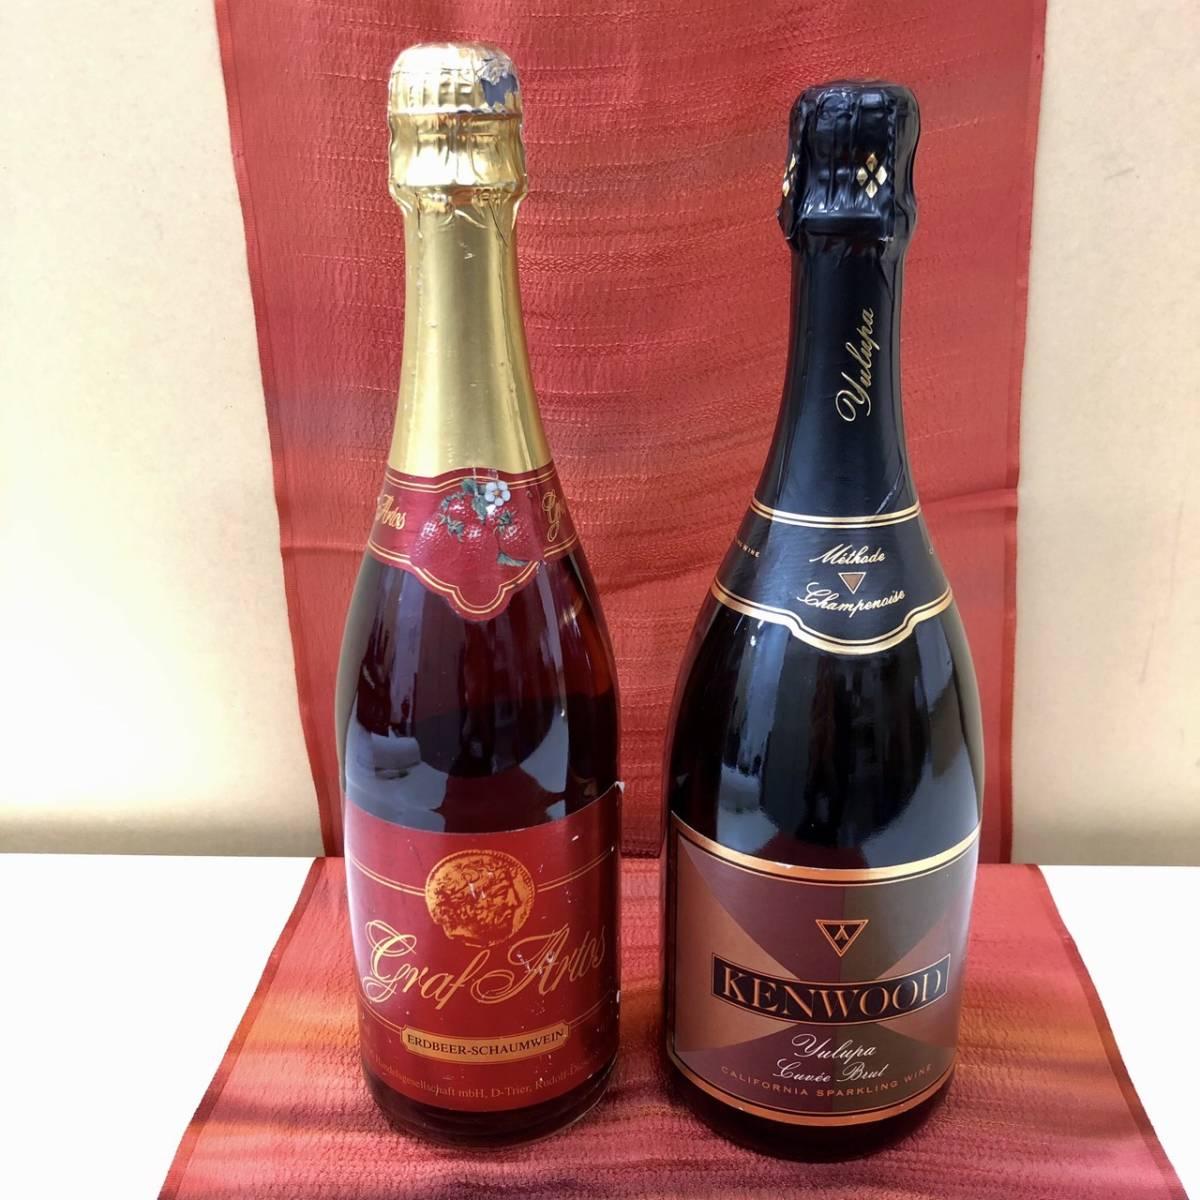 【2456】スパークリング ワイン ◆KENWOOD & エルドベーア・シャウムヴァイン ◆ ストロベリー イチゴ 2本セット 750ml 古酒 アルコール_画像1